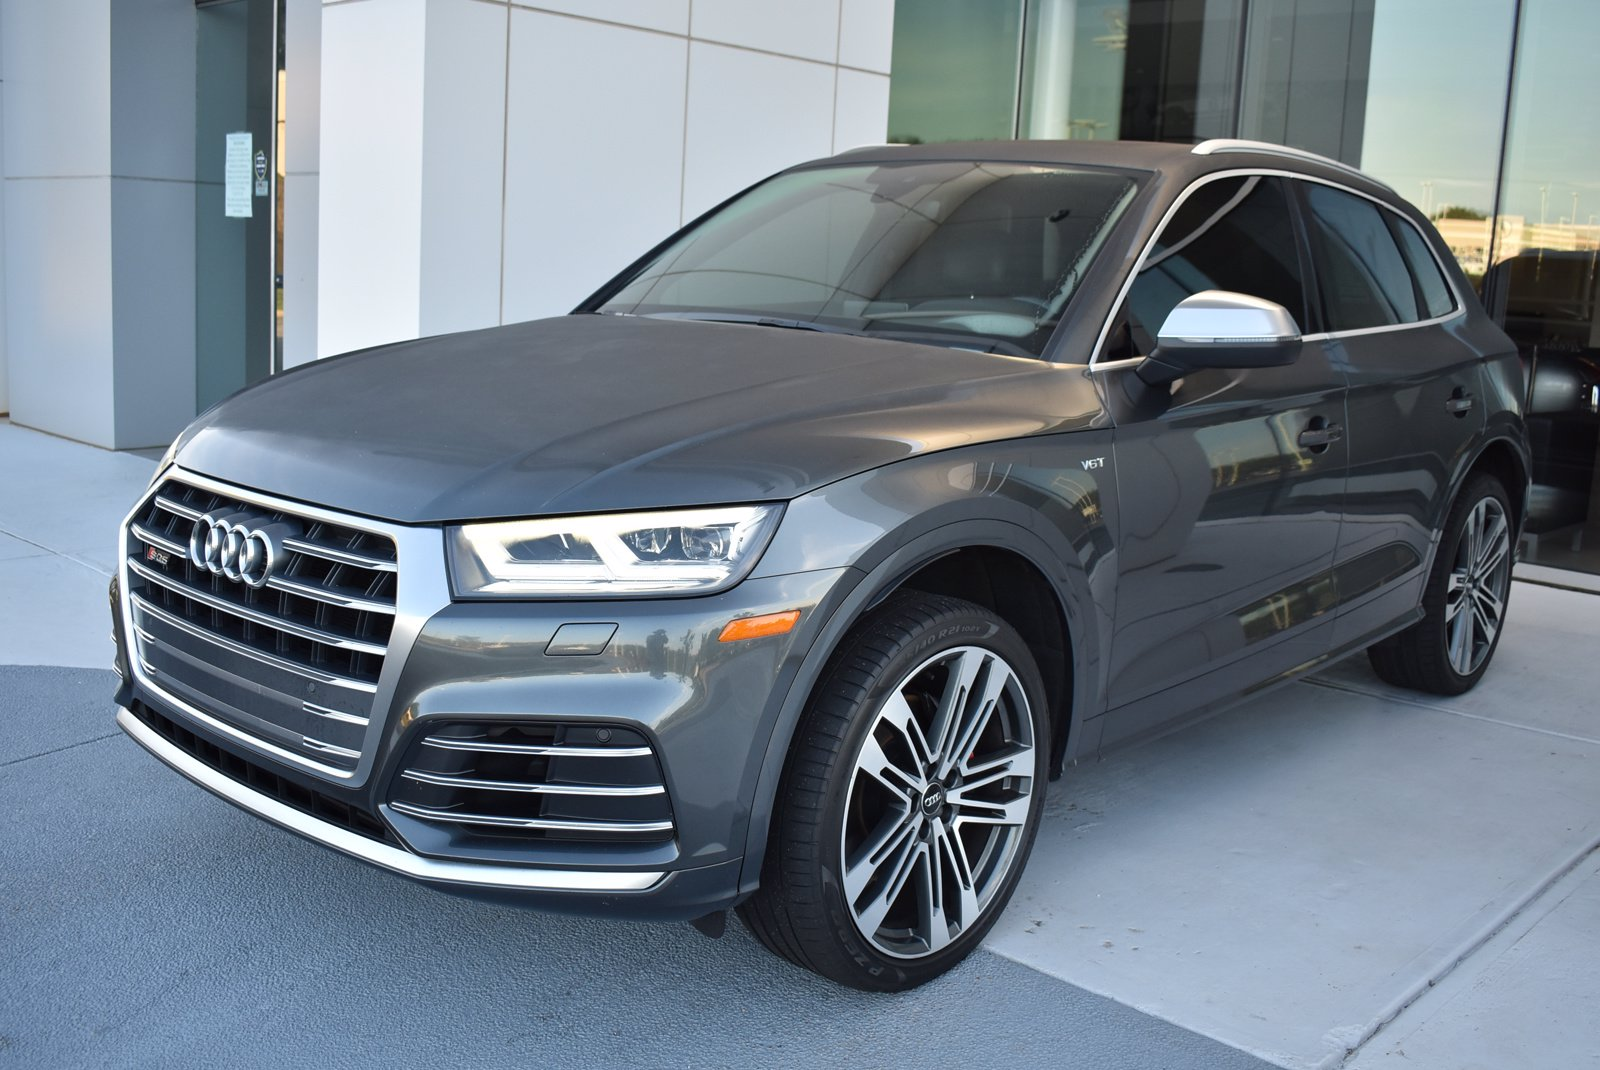 2018 Audi SQ5 SUV